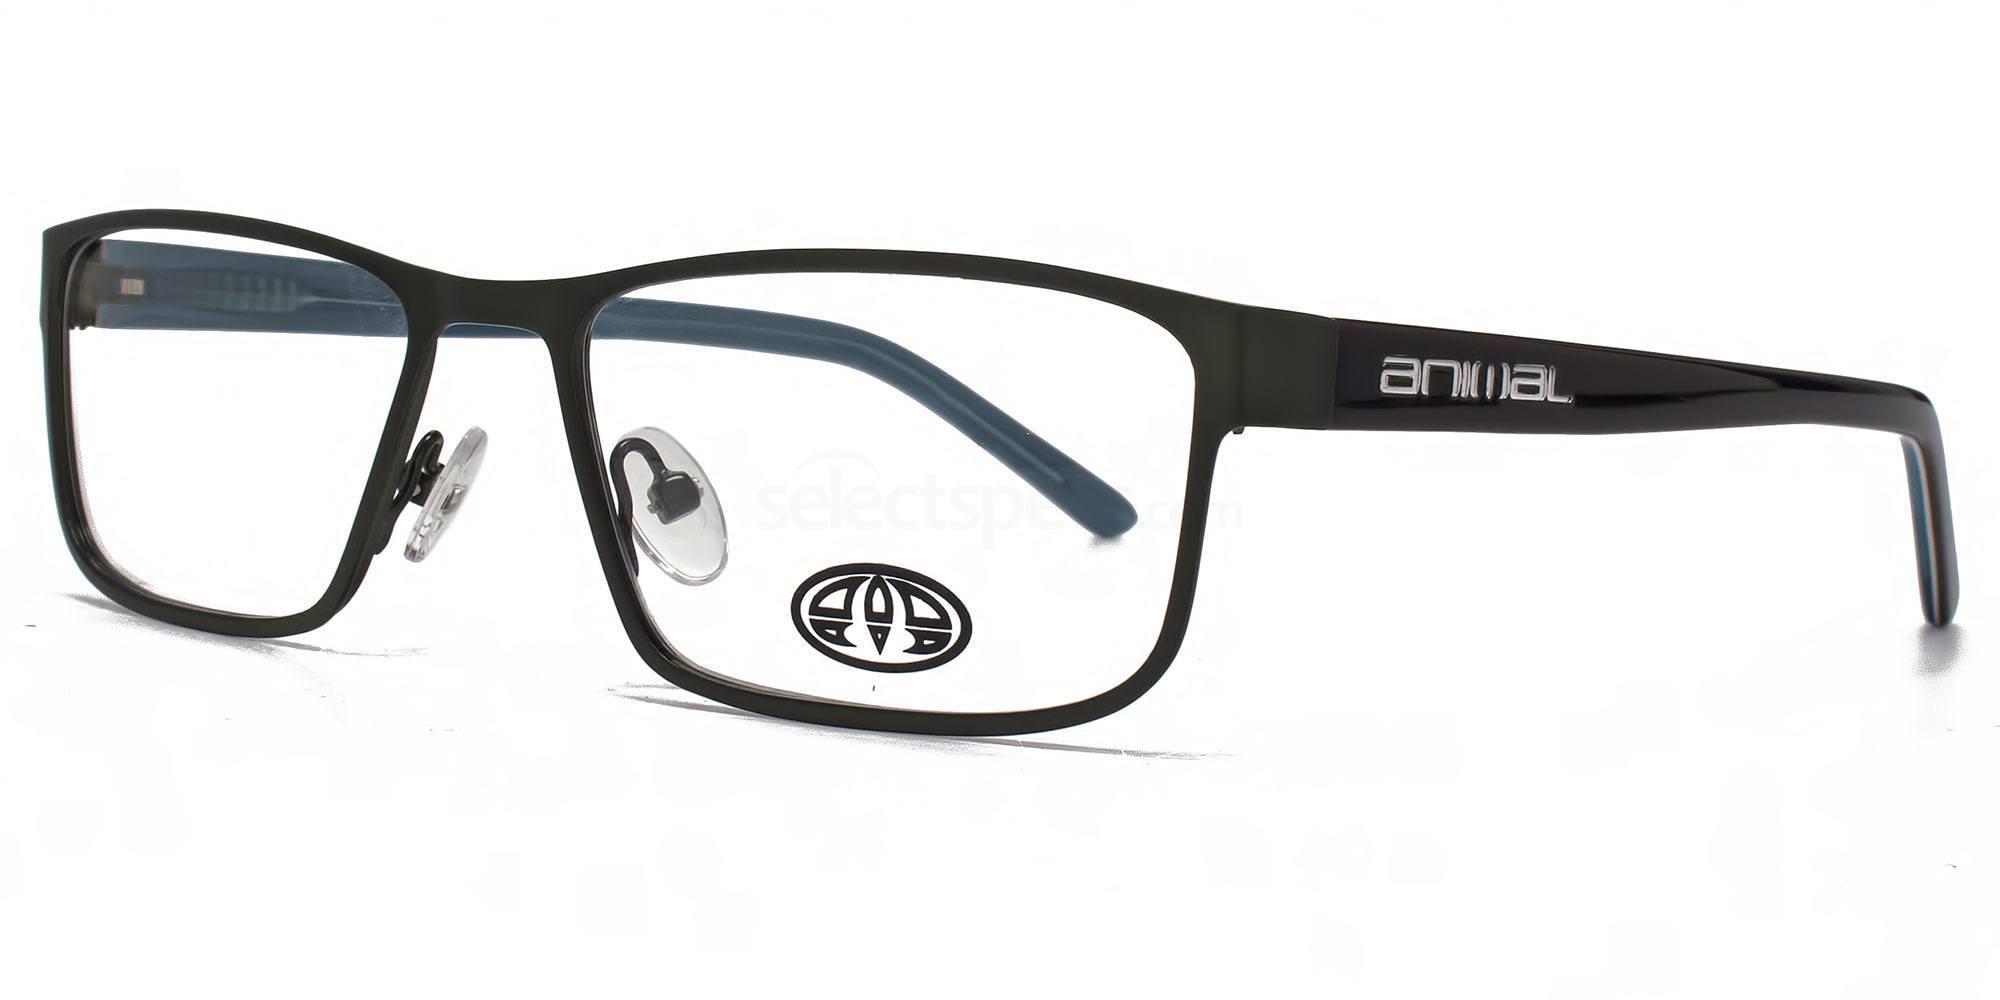 GRN ANIS007 - WEBBO Glasses, Animal